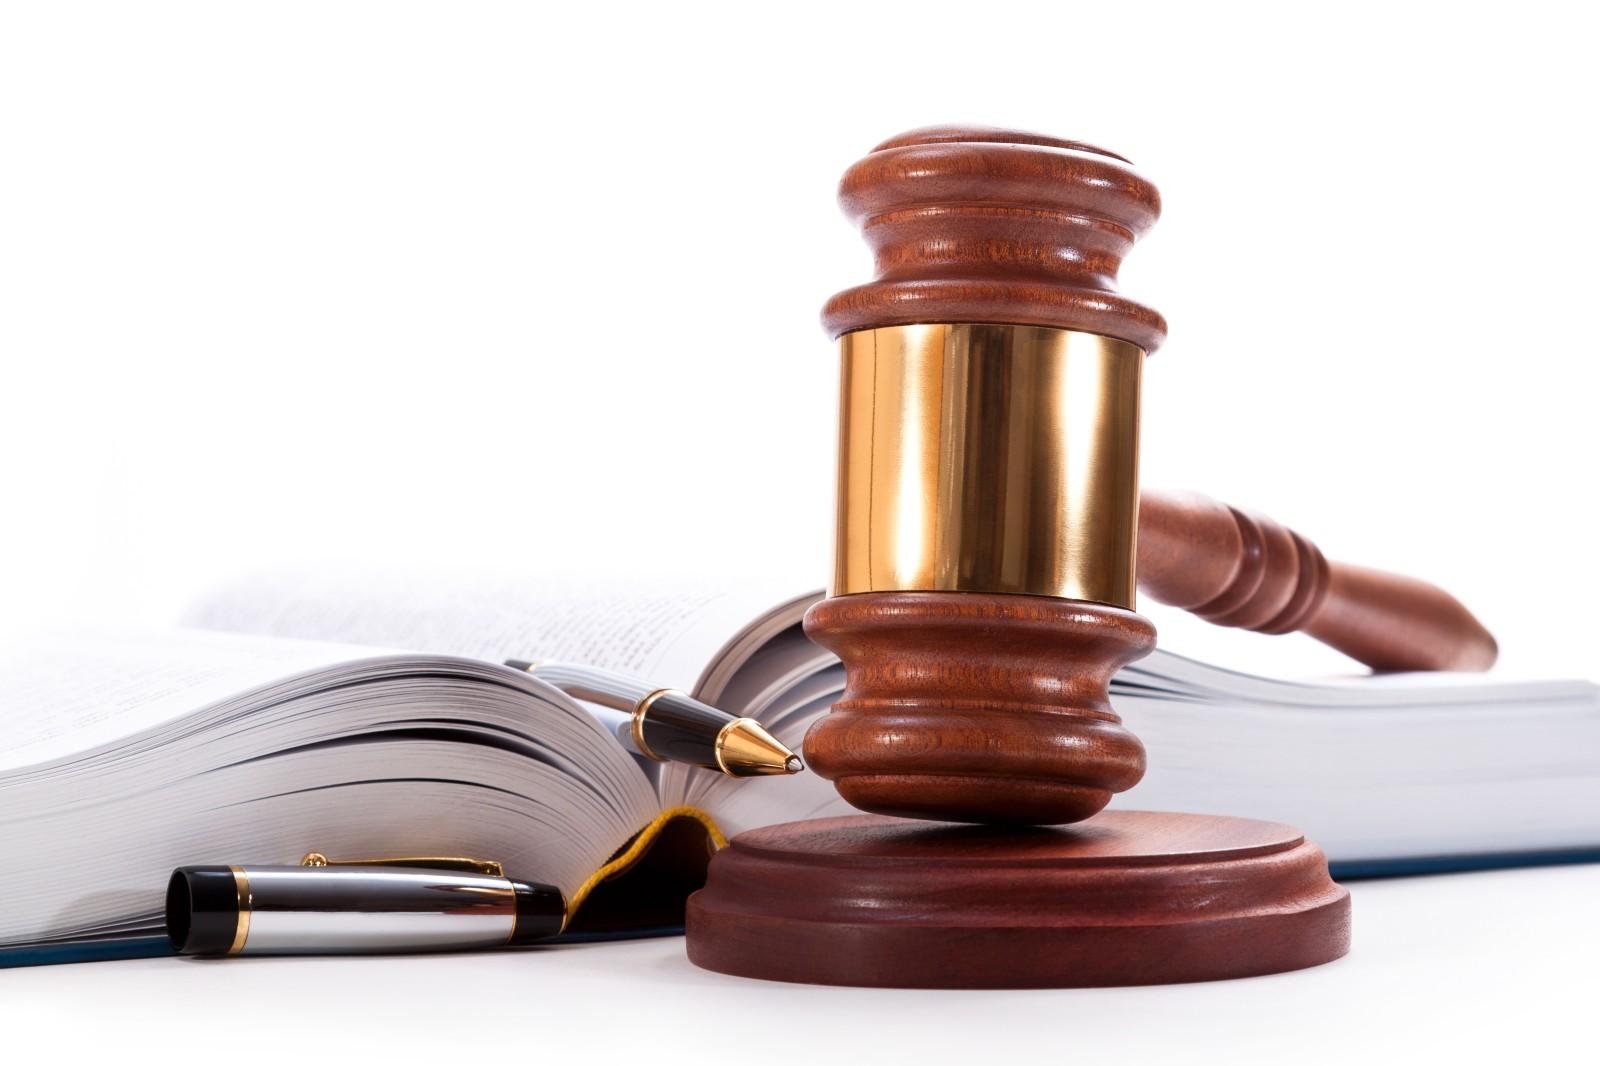 судебная практика по гражданским делам жилищные